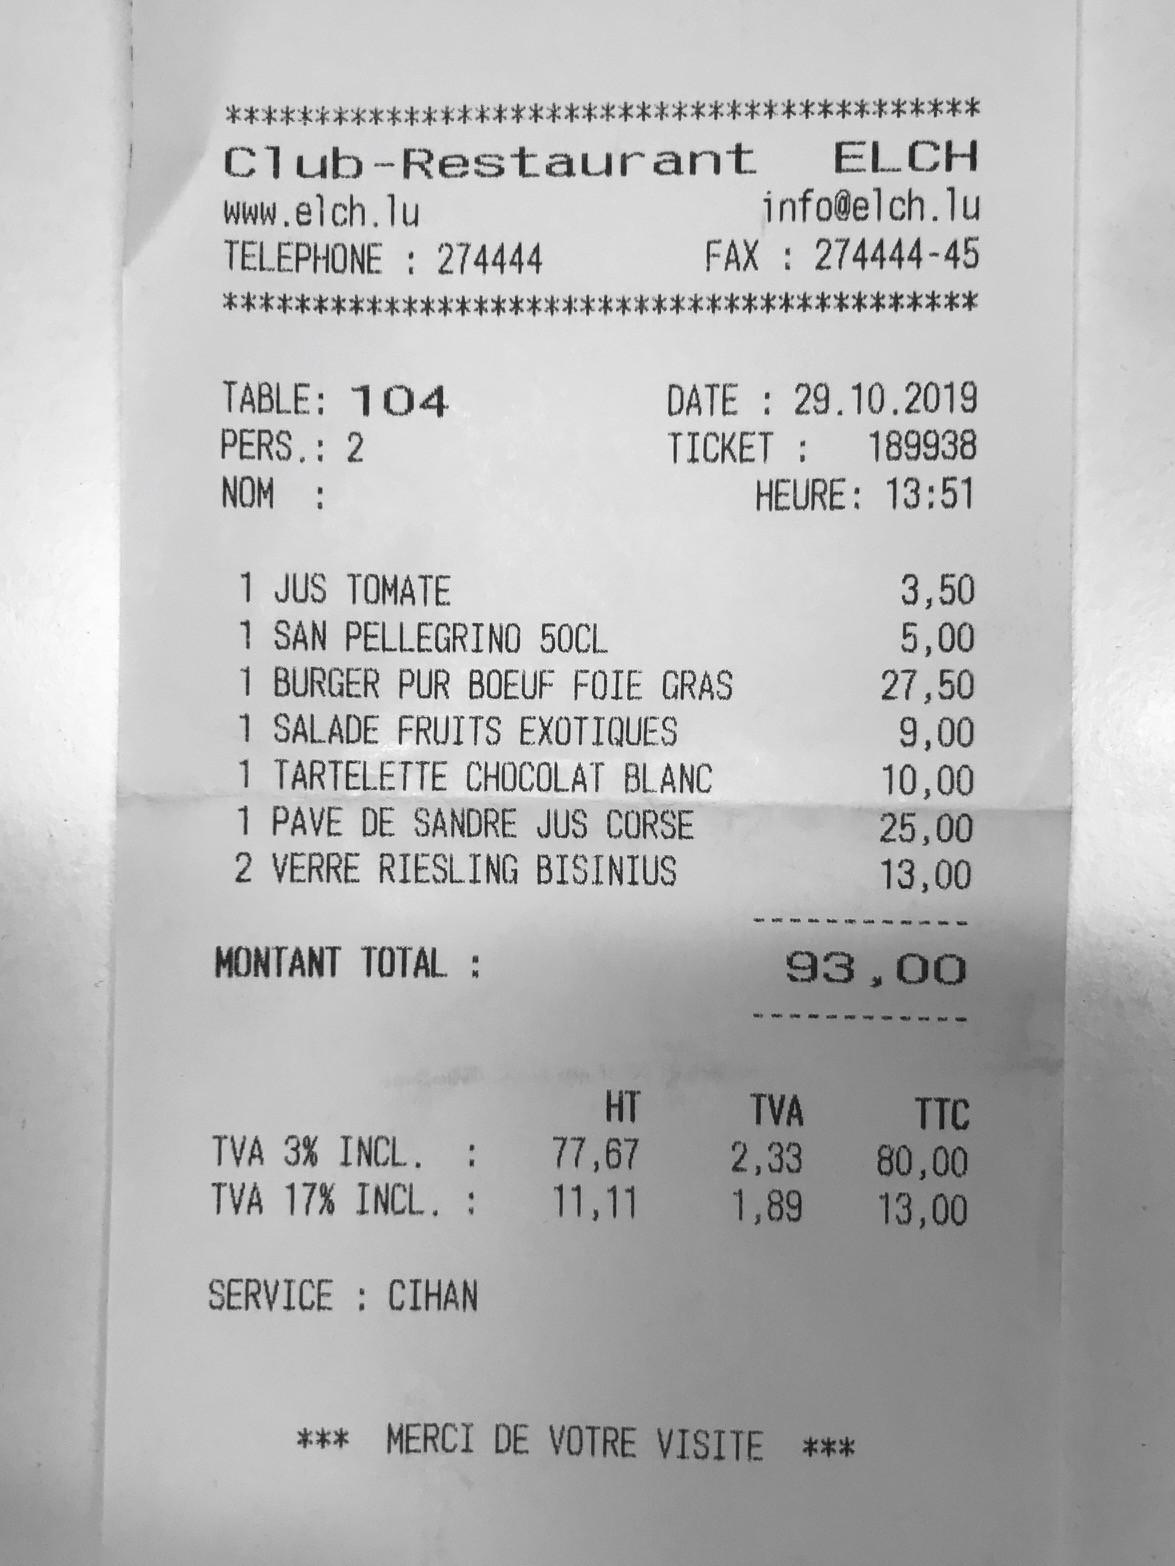 Des prix qui n'ont pas explosé et du vin local à moins de 7€, l'addition du Elch s'avère assez peu salée! (Photo: Maison Moderne)